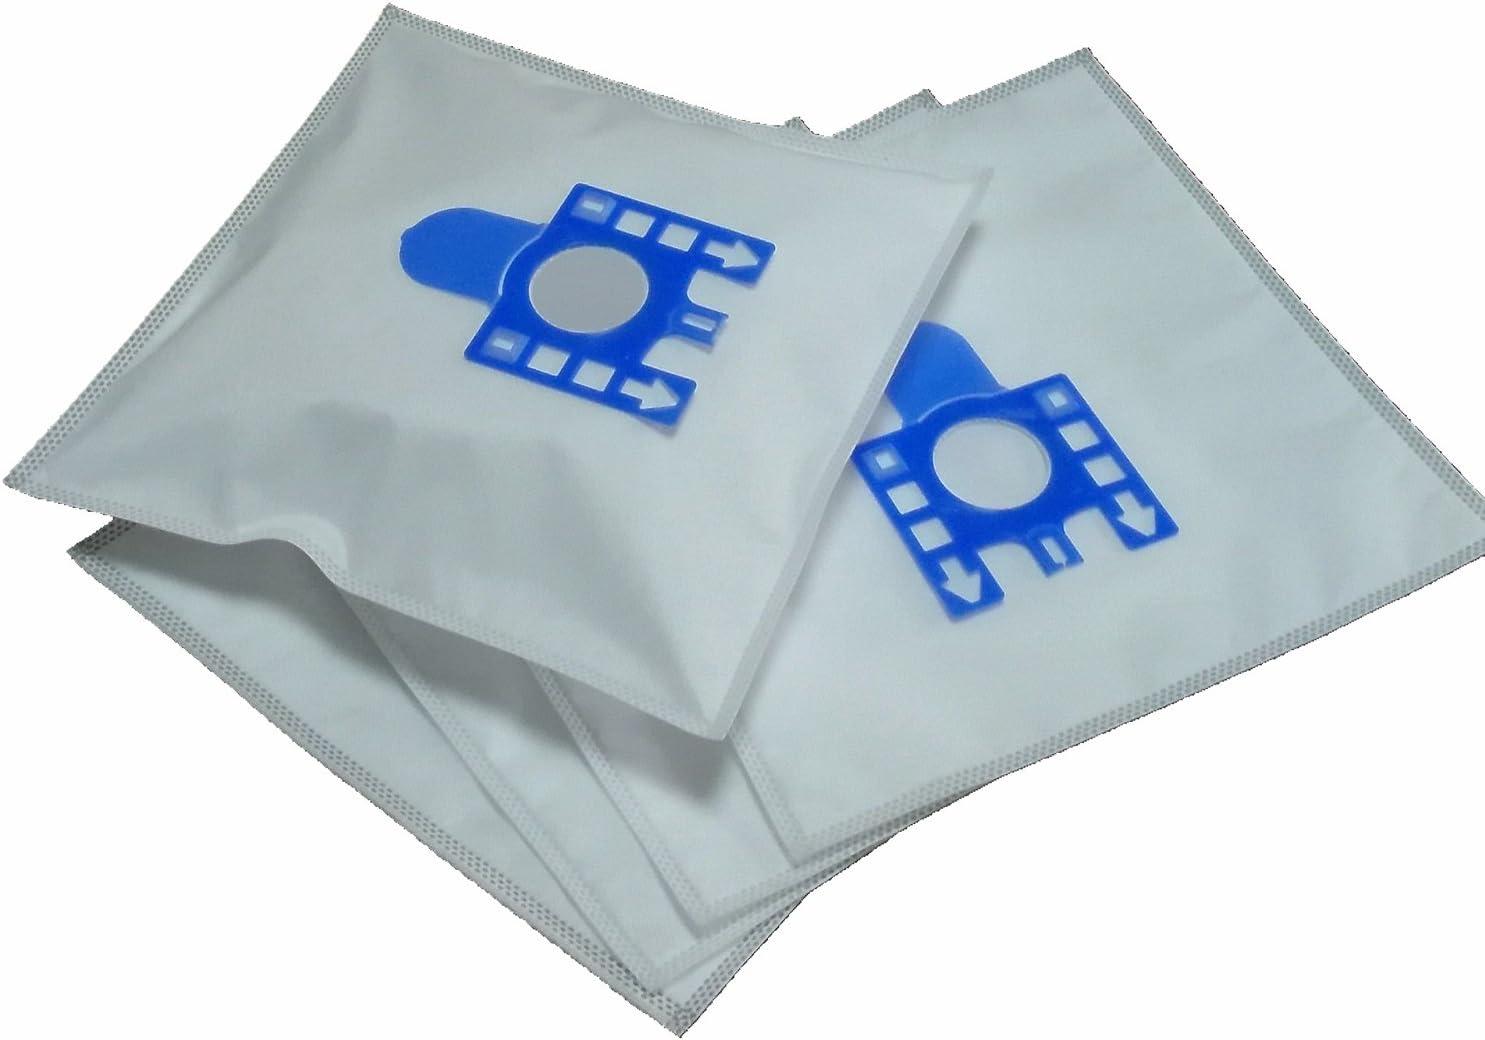 5 x 3D Type GN Hoover Sacs Pour Miele S8330 S8340 cat /& dog vide frais